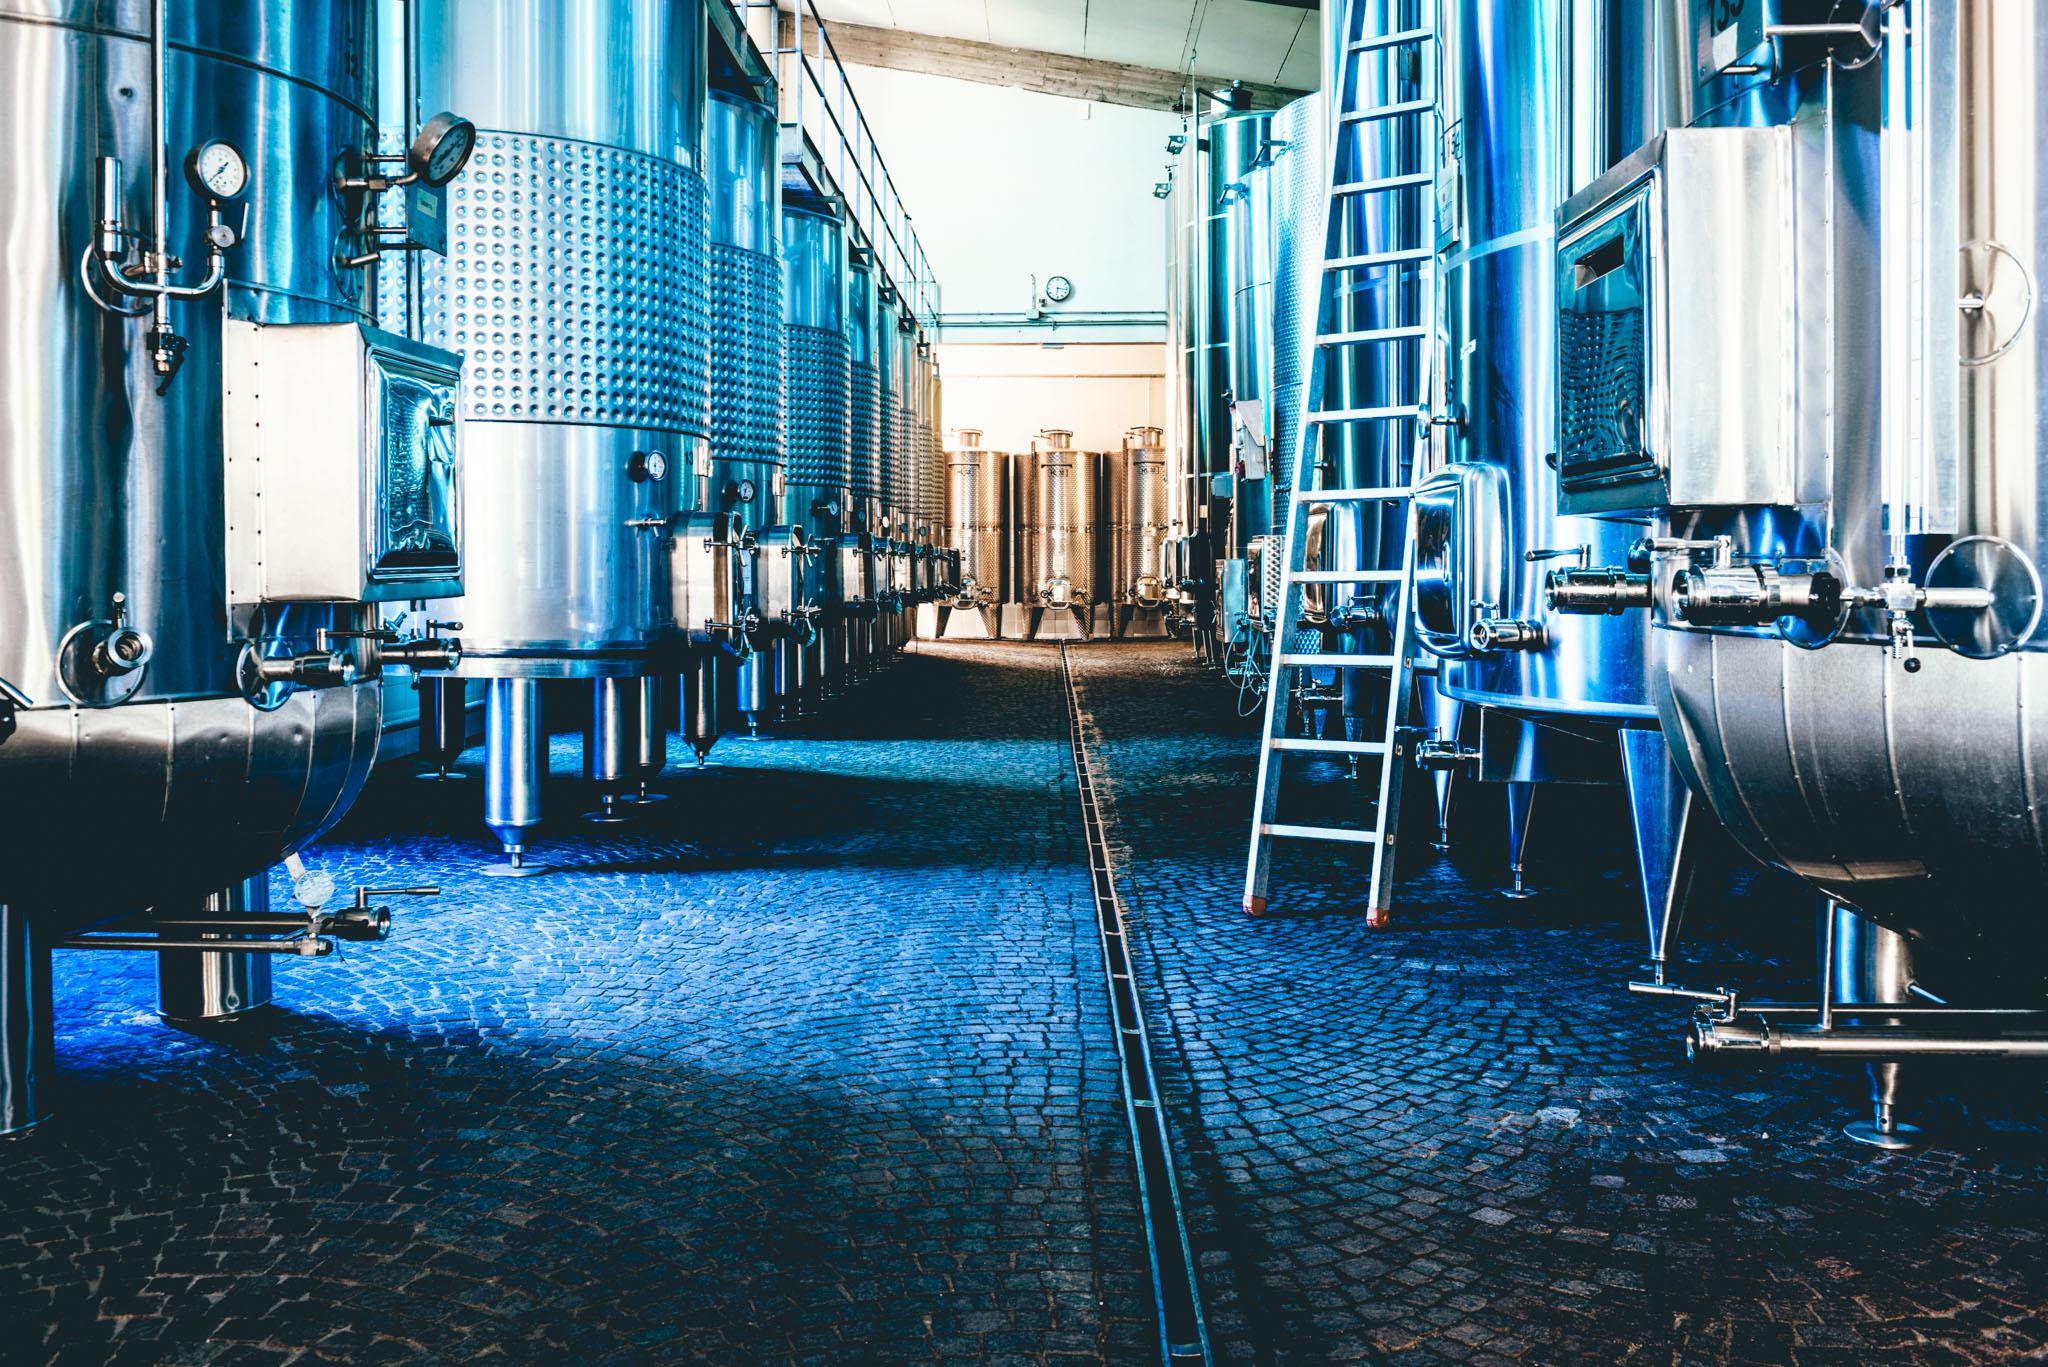 Italy : Piedmont : Fermentation tanks at G.D. Vajra